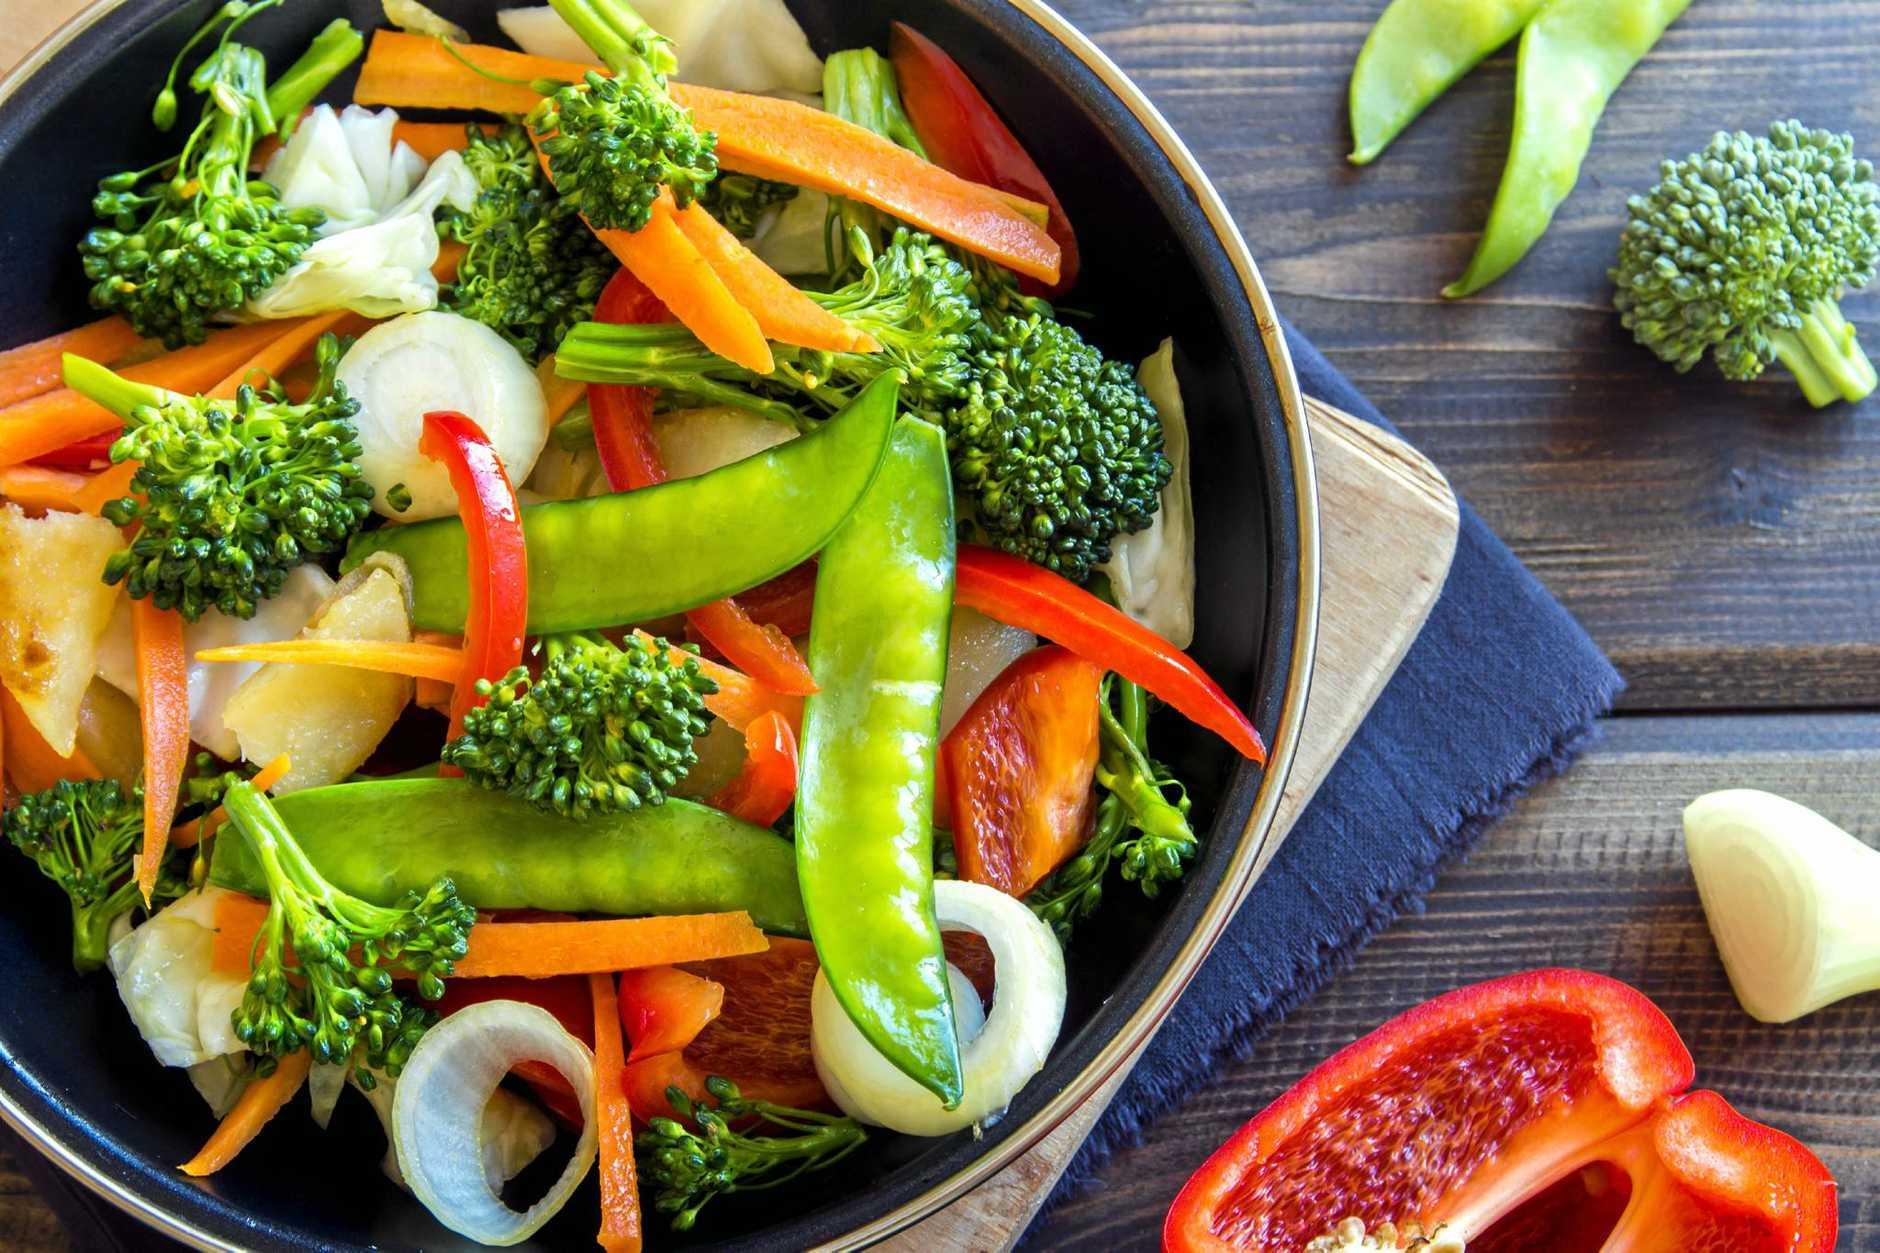 Healthy stir fried vegetables in the pan